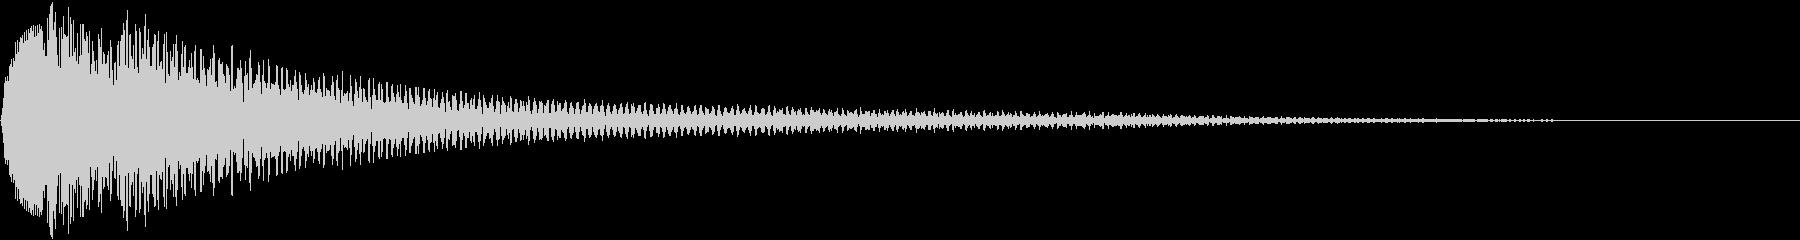 ピコン(お洒落で優しいピアノの警告音)5の未再生の波形